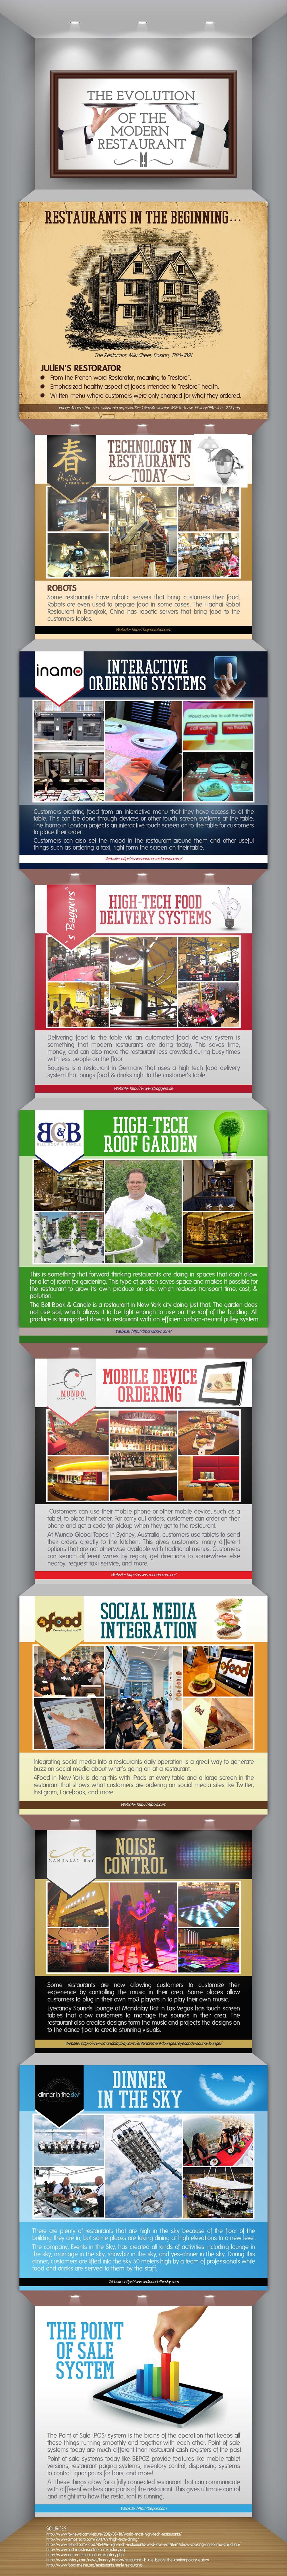 The Evolution of the Modern Restaurant Infographic - The Evolution of The Modern Restaurant